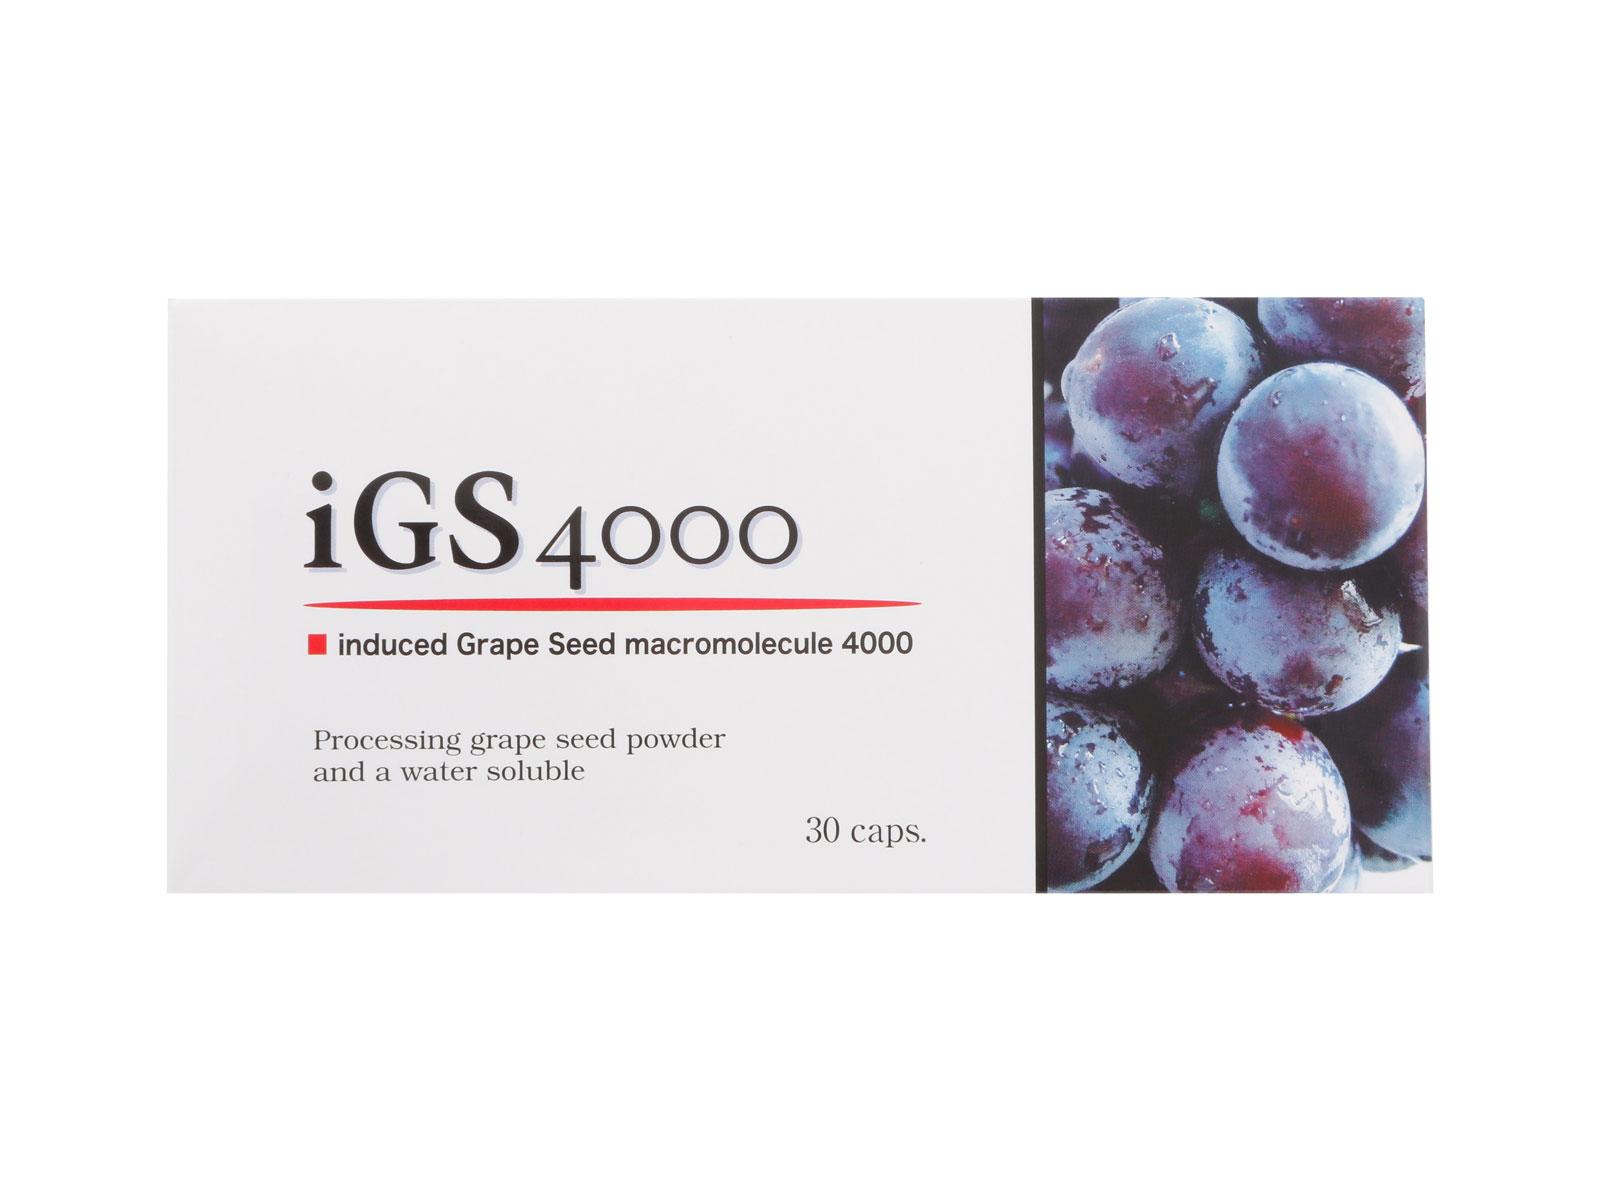 iGS4000